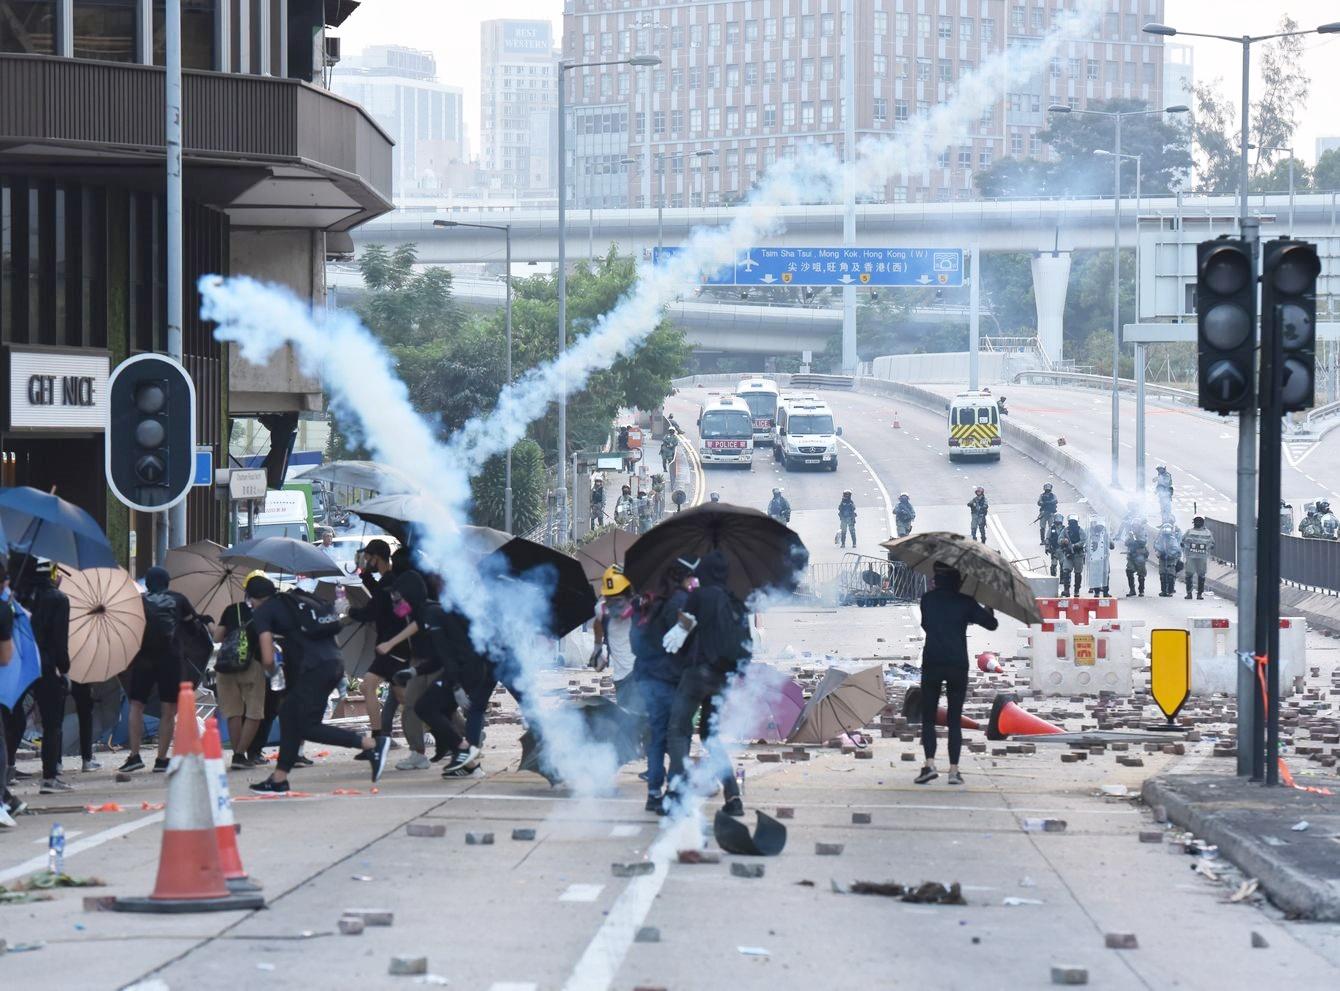 【修例风波】警拟用木弹驱示威者 民权观察促停止武力升级